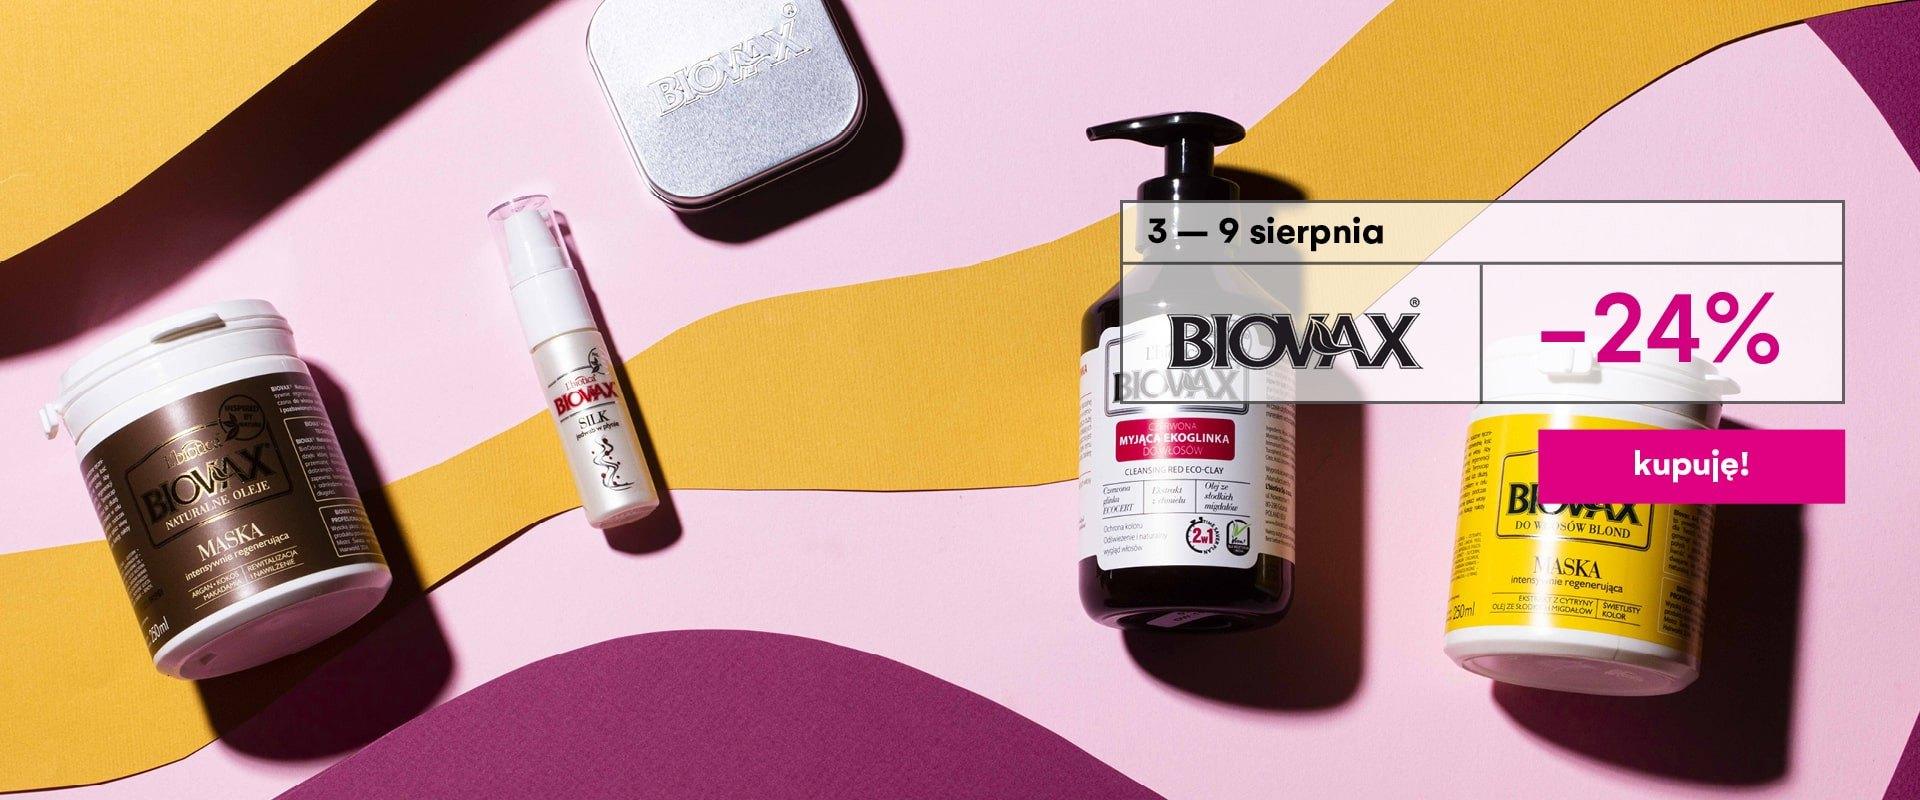 Biovax -24%